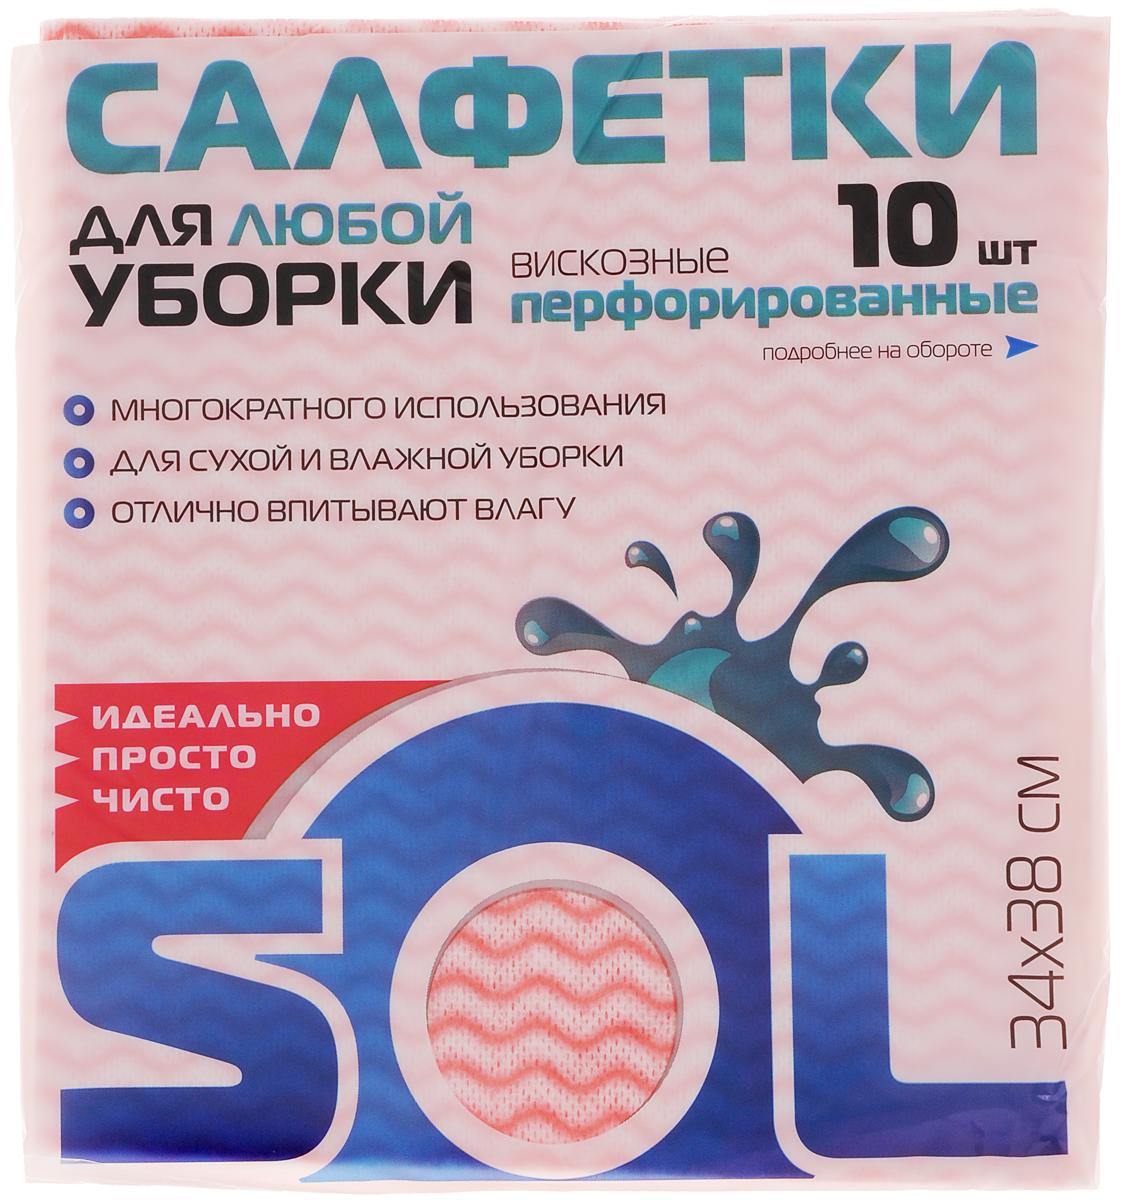 Салфетка для уборки Sol из вискозы, перфорированная, цвет: белый, розовый, 34 x 38 см, 10 шт10043_розовыйПерфорированные салфетки для уборки Sol, выполненные из вискозы, предназначены для уборки и могут применяться с различными моющими средствами. Эффективно впитывают жидкость. Мягкие и прочные, легко отжимаются и быстро сохнут. Рекомендации по уходу: Для обеспечения гигиеничности уборки после применения прополоскать в теплой воде. Для продления срока службы не применять машинную стирку, не гладить и не кипятить.